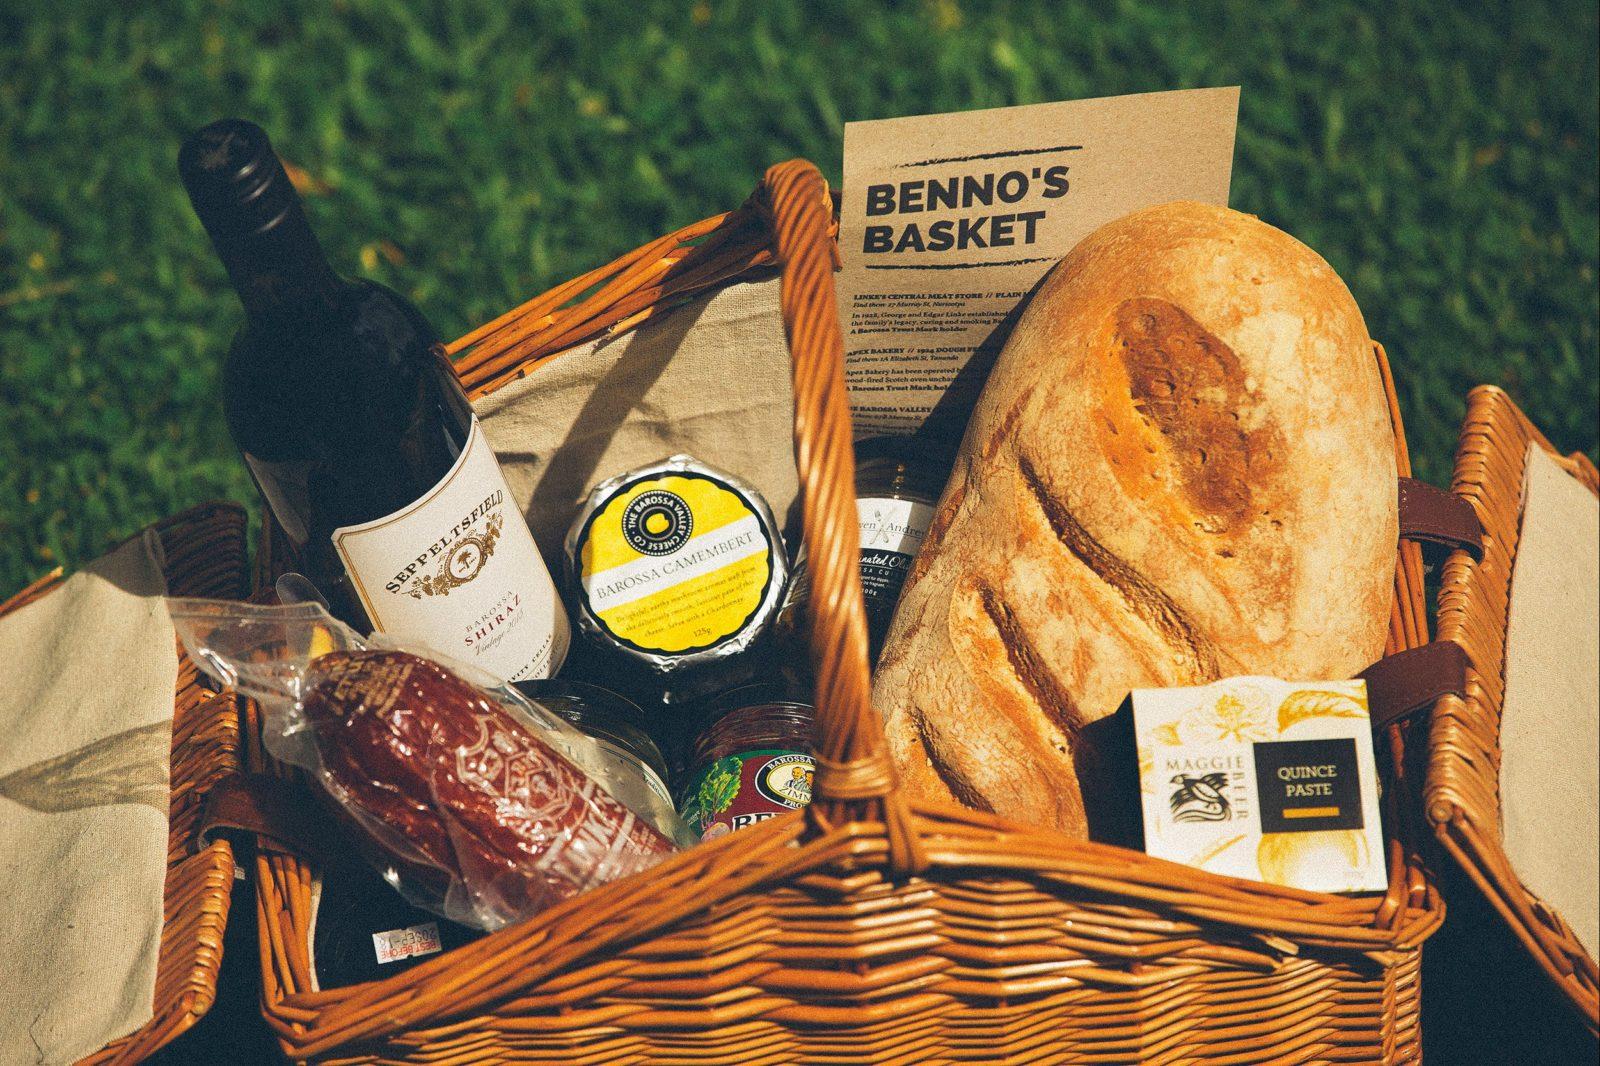 Benno's Basket